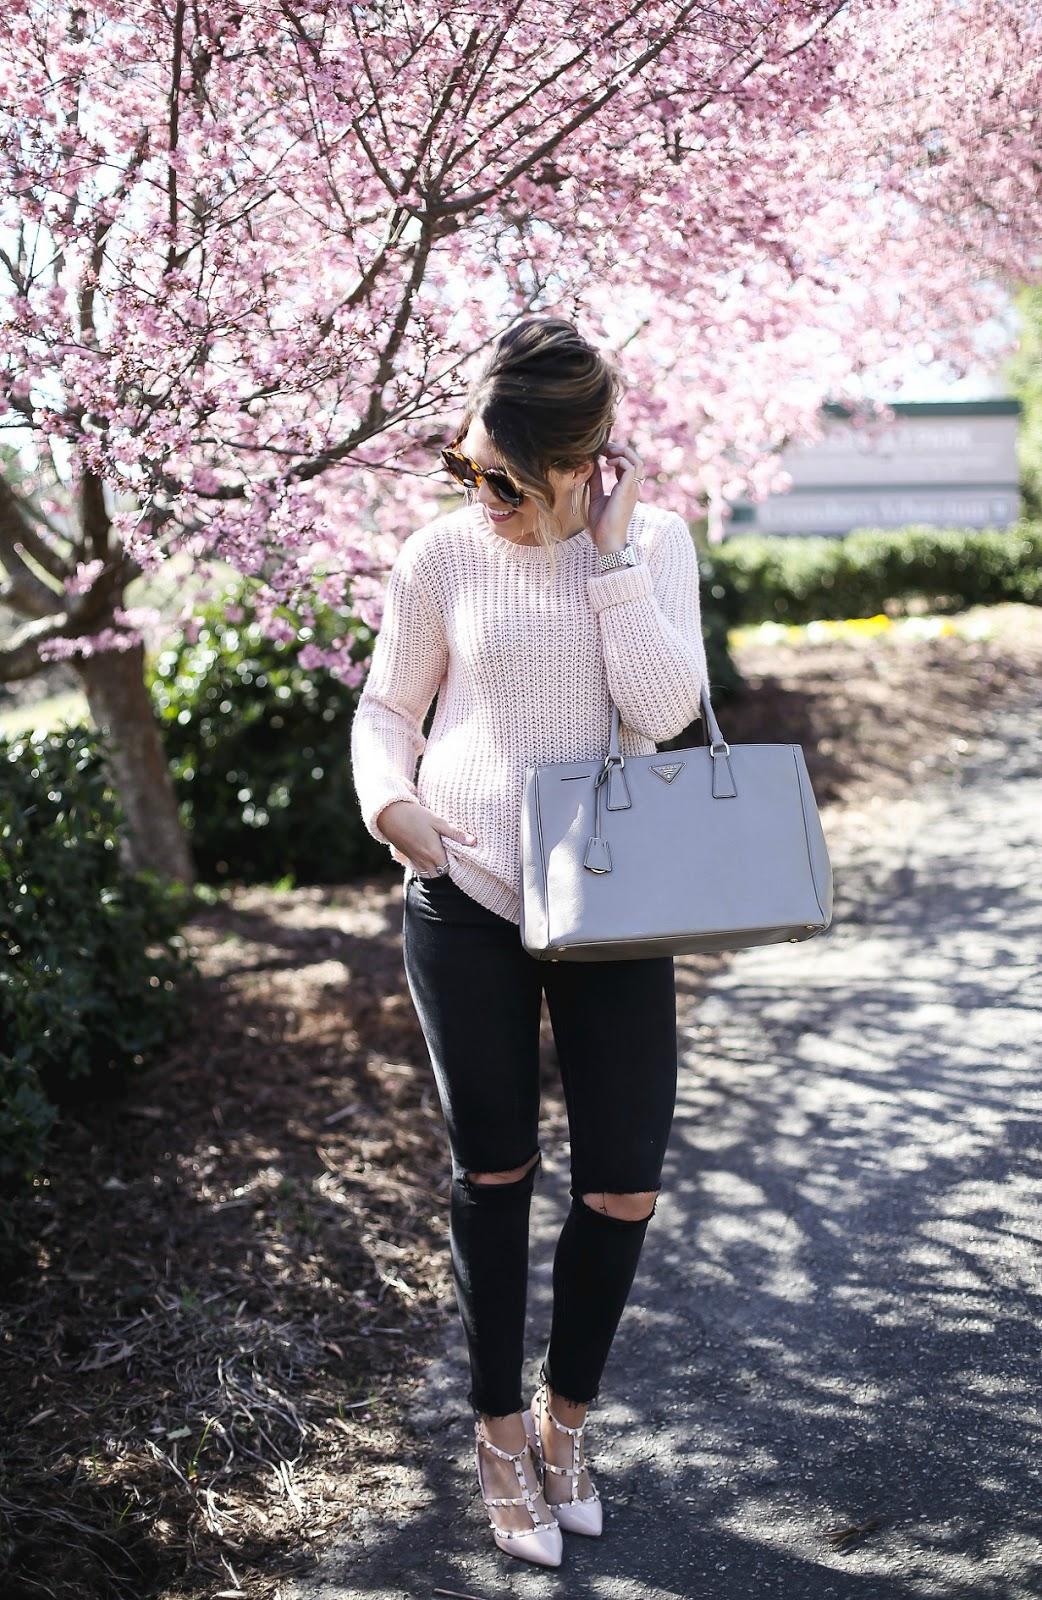 blush pink sweater, nordstrom, prada, karen walker, pink peonies